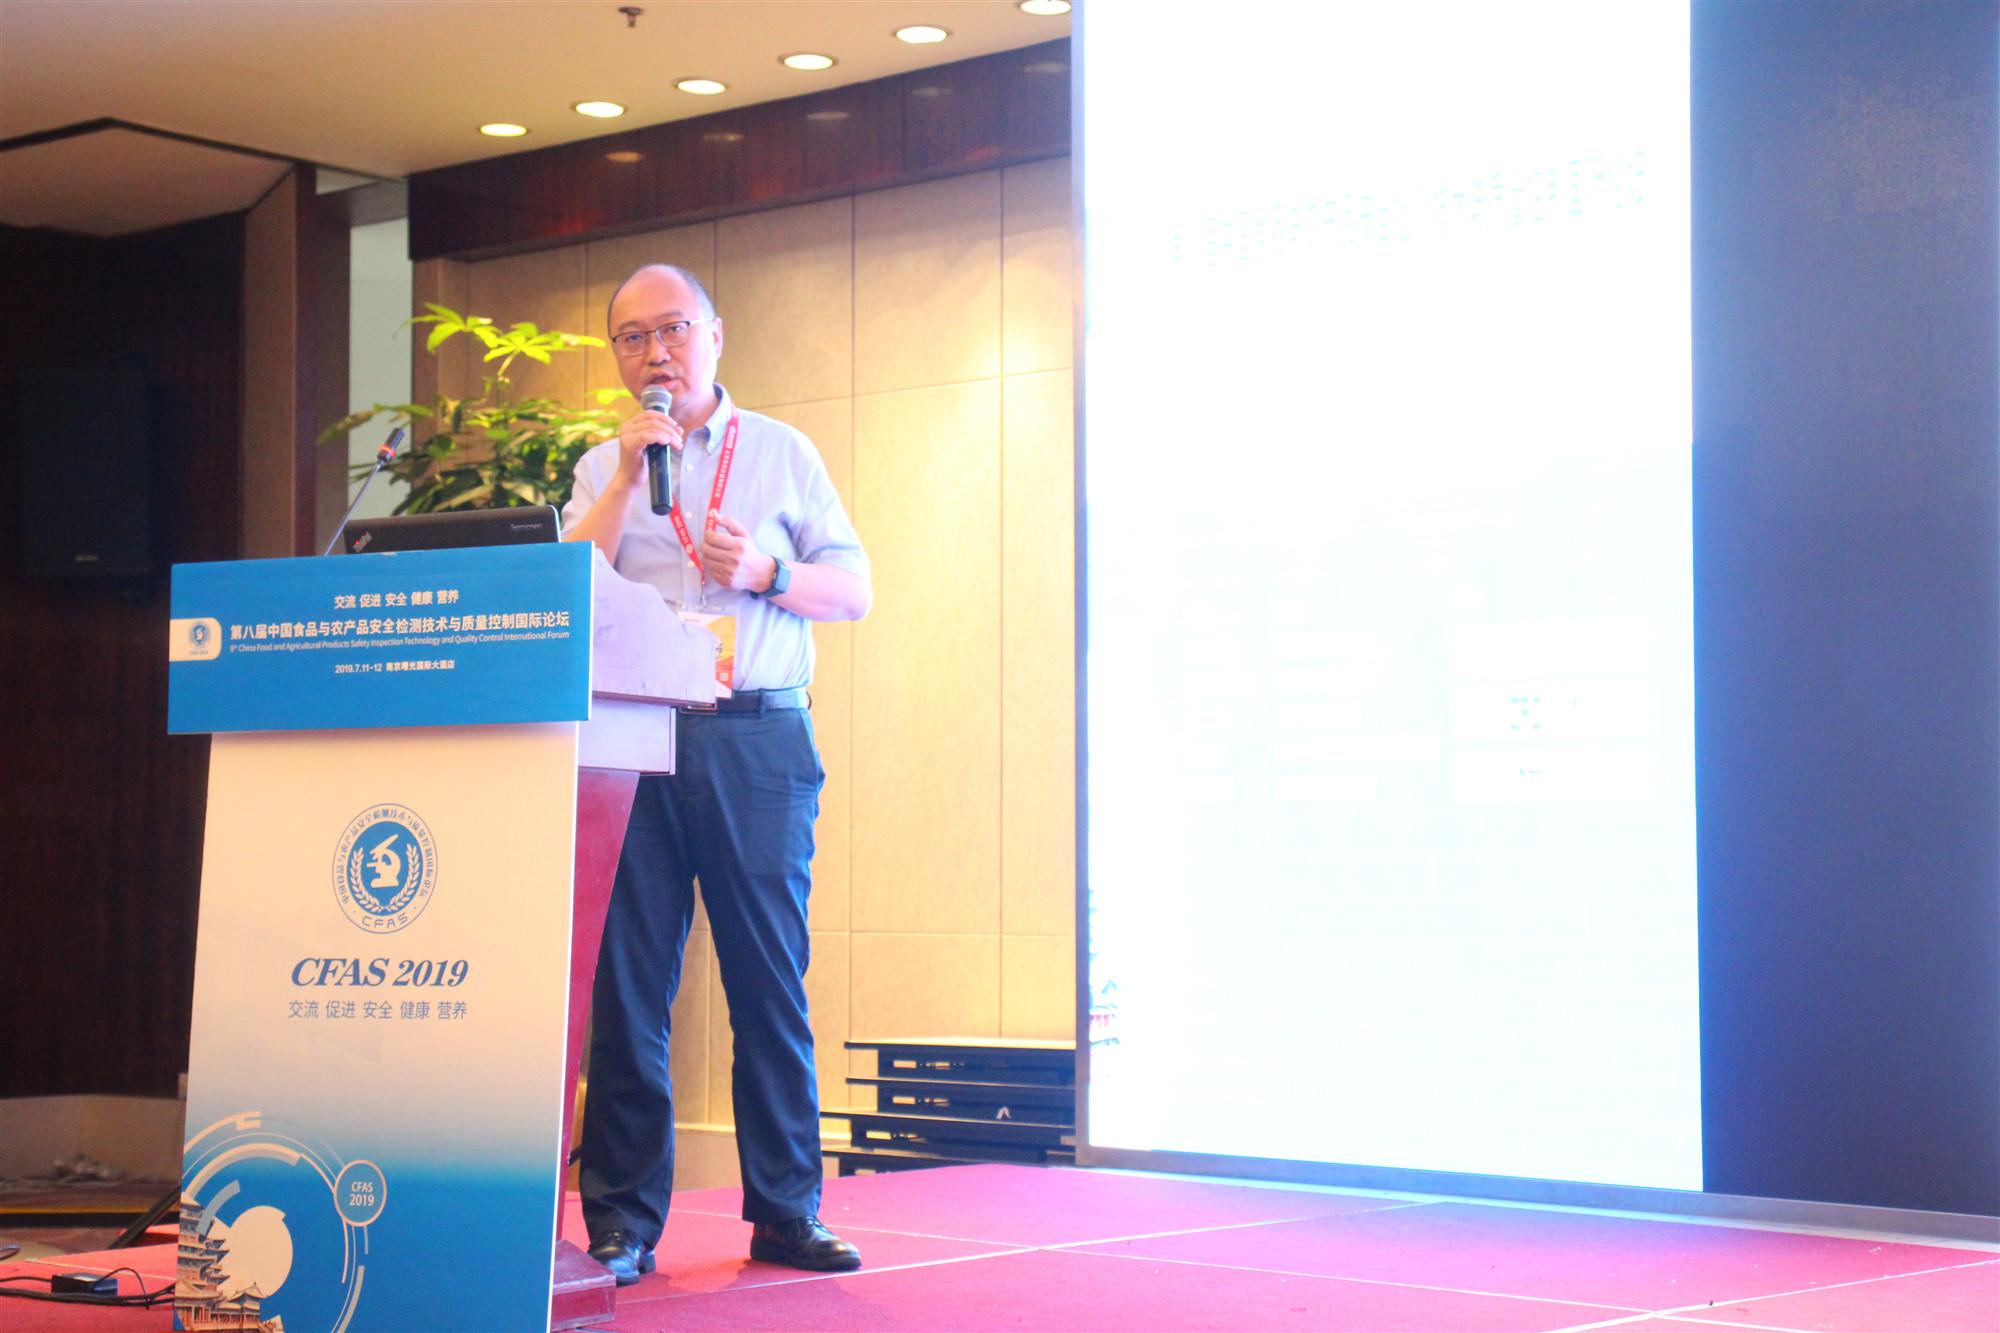 许丹科:可视化生物芯片技术在食品农产品检测中新进展